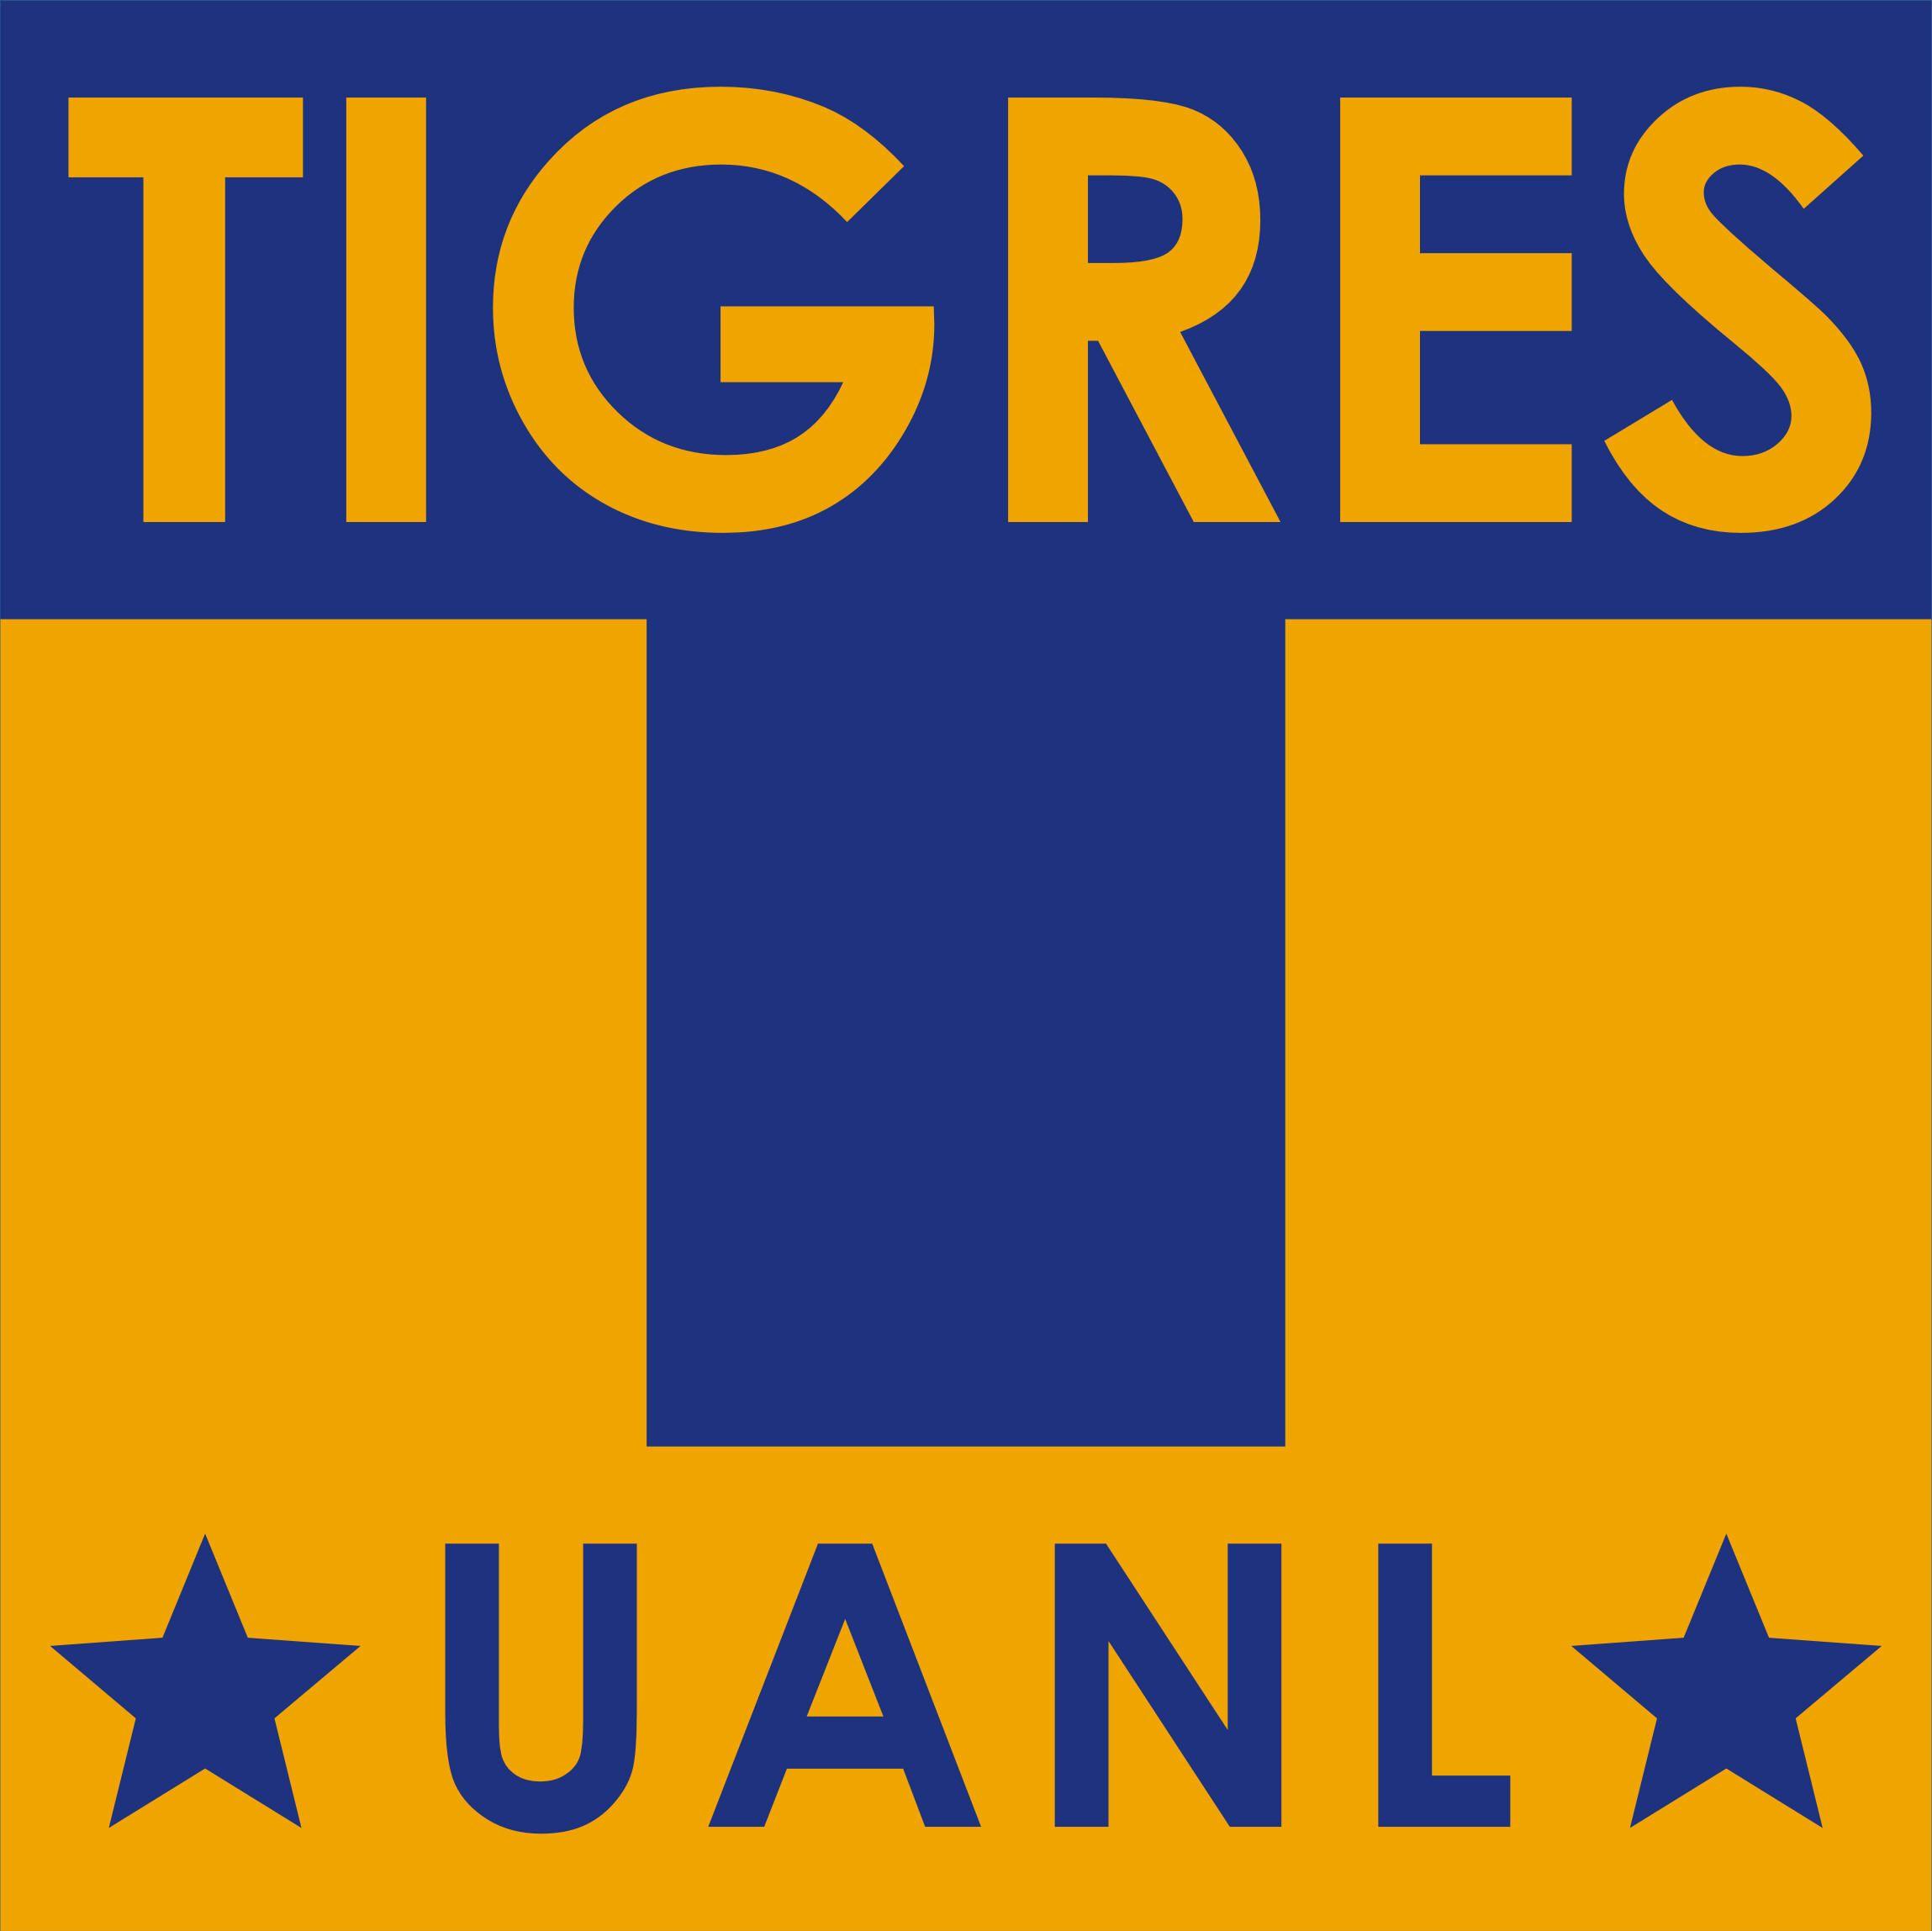 Tigres Uanl Por Tigresgolear Logo Escudo Fotos Creative